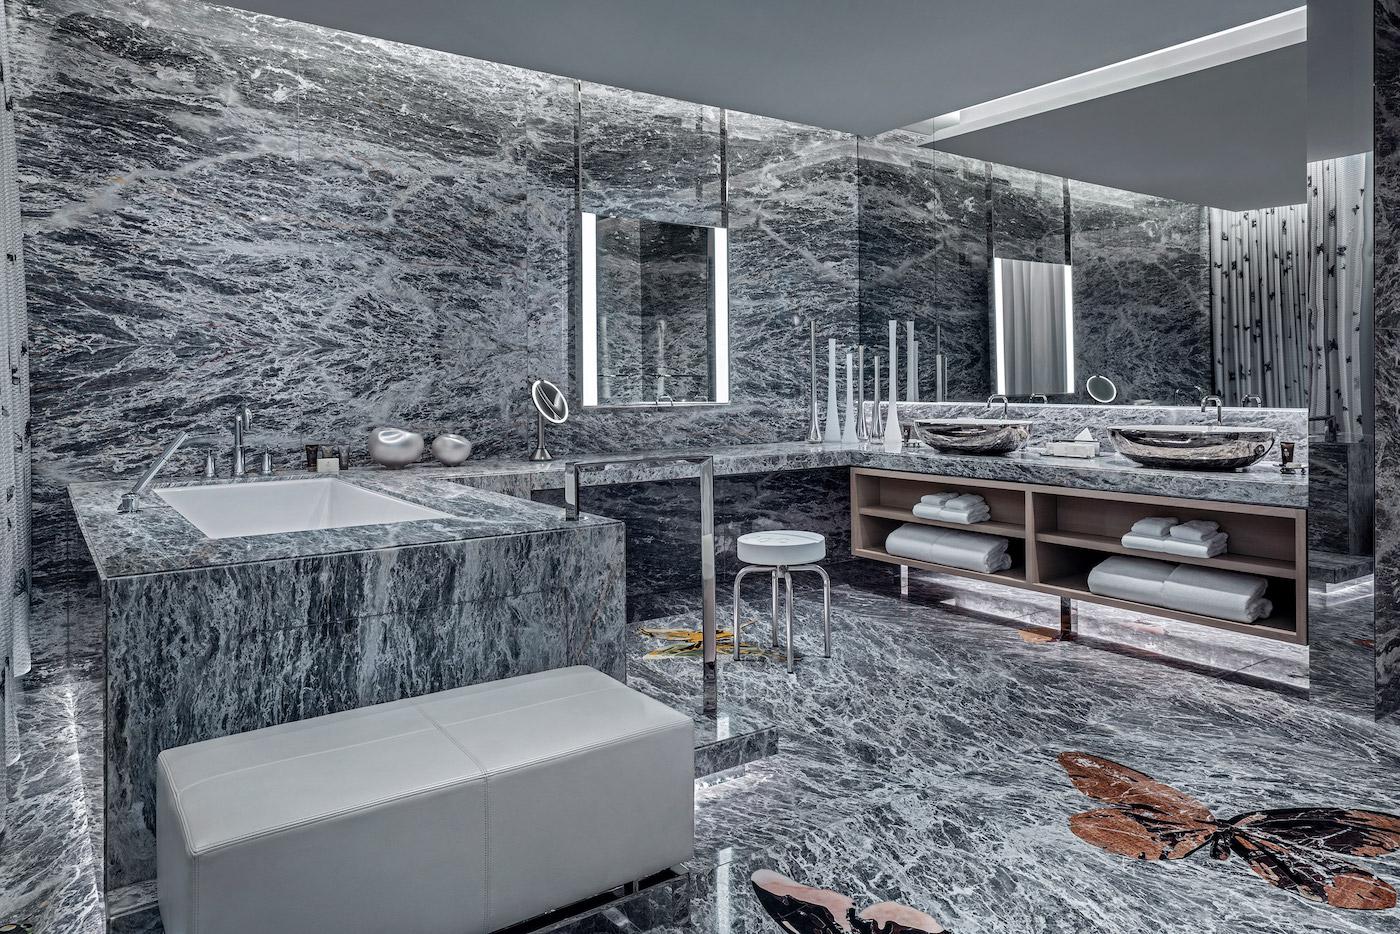 80.000 Dollar pro Nacht: Ein Blick in das teuerste Hotelzimmer der Welt 7